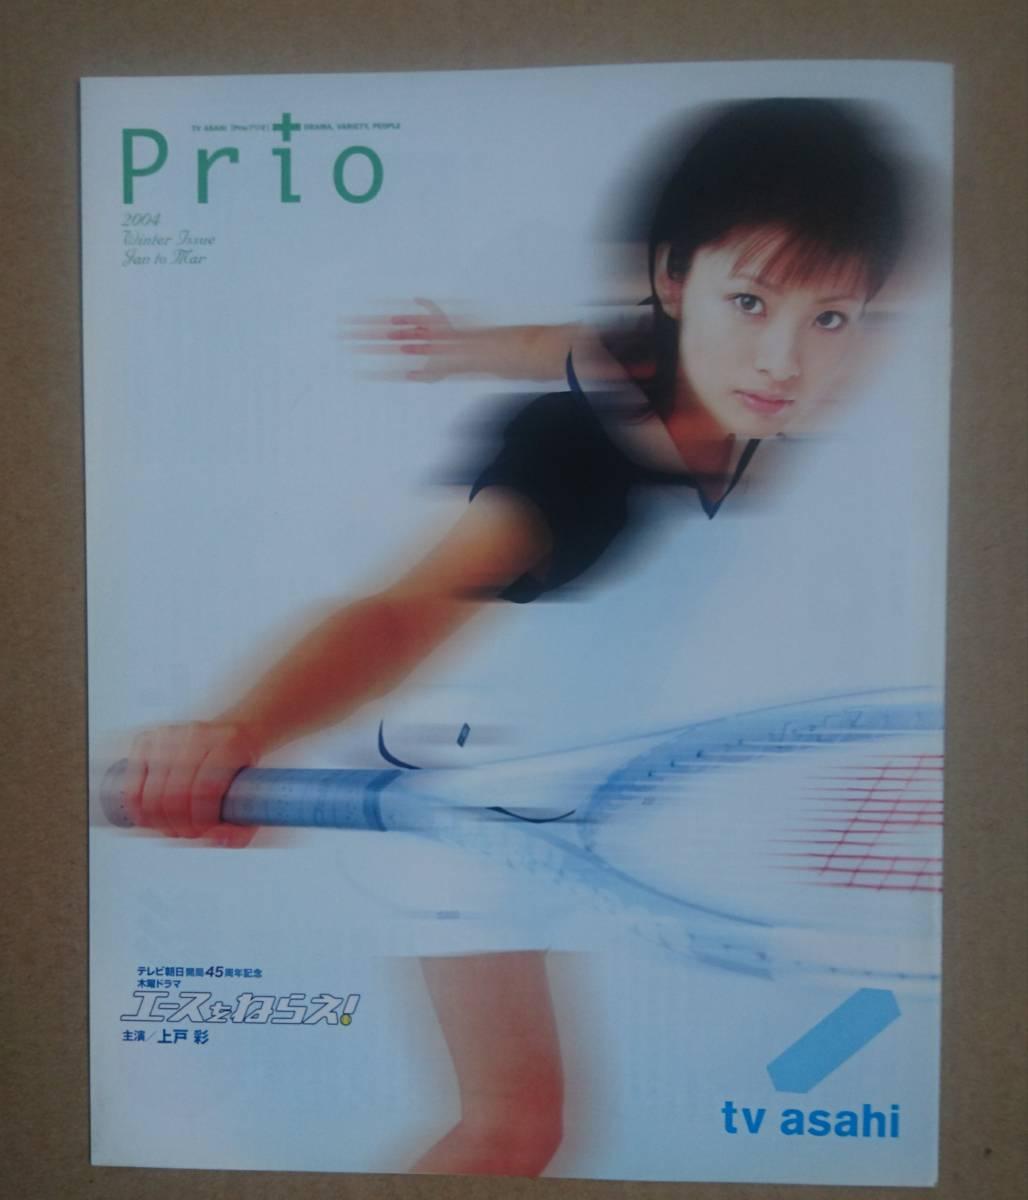 超激レア!◆上戸彩◆Prio 2004冬◆エースをねらえ!の表紙&特集◆非売品冊子◆新品美品